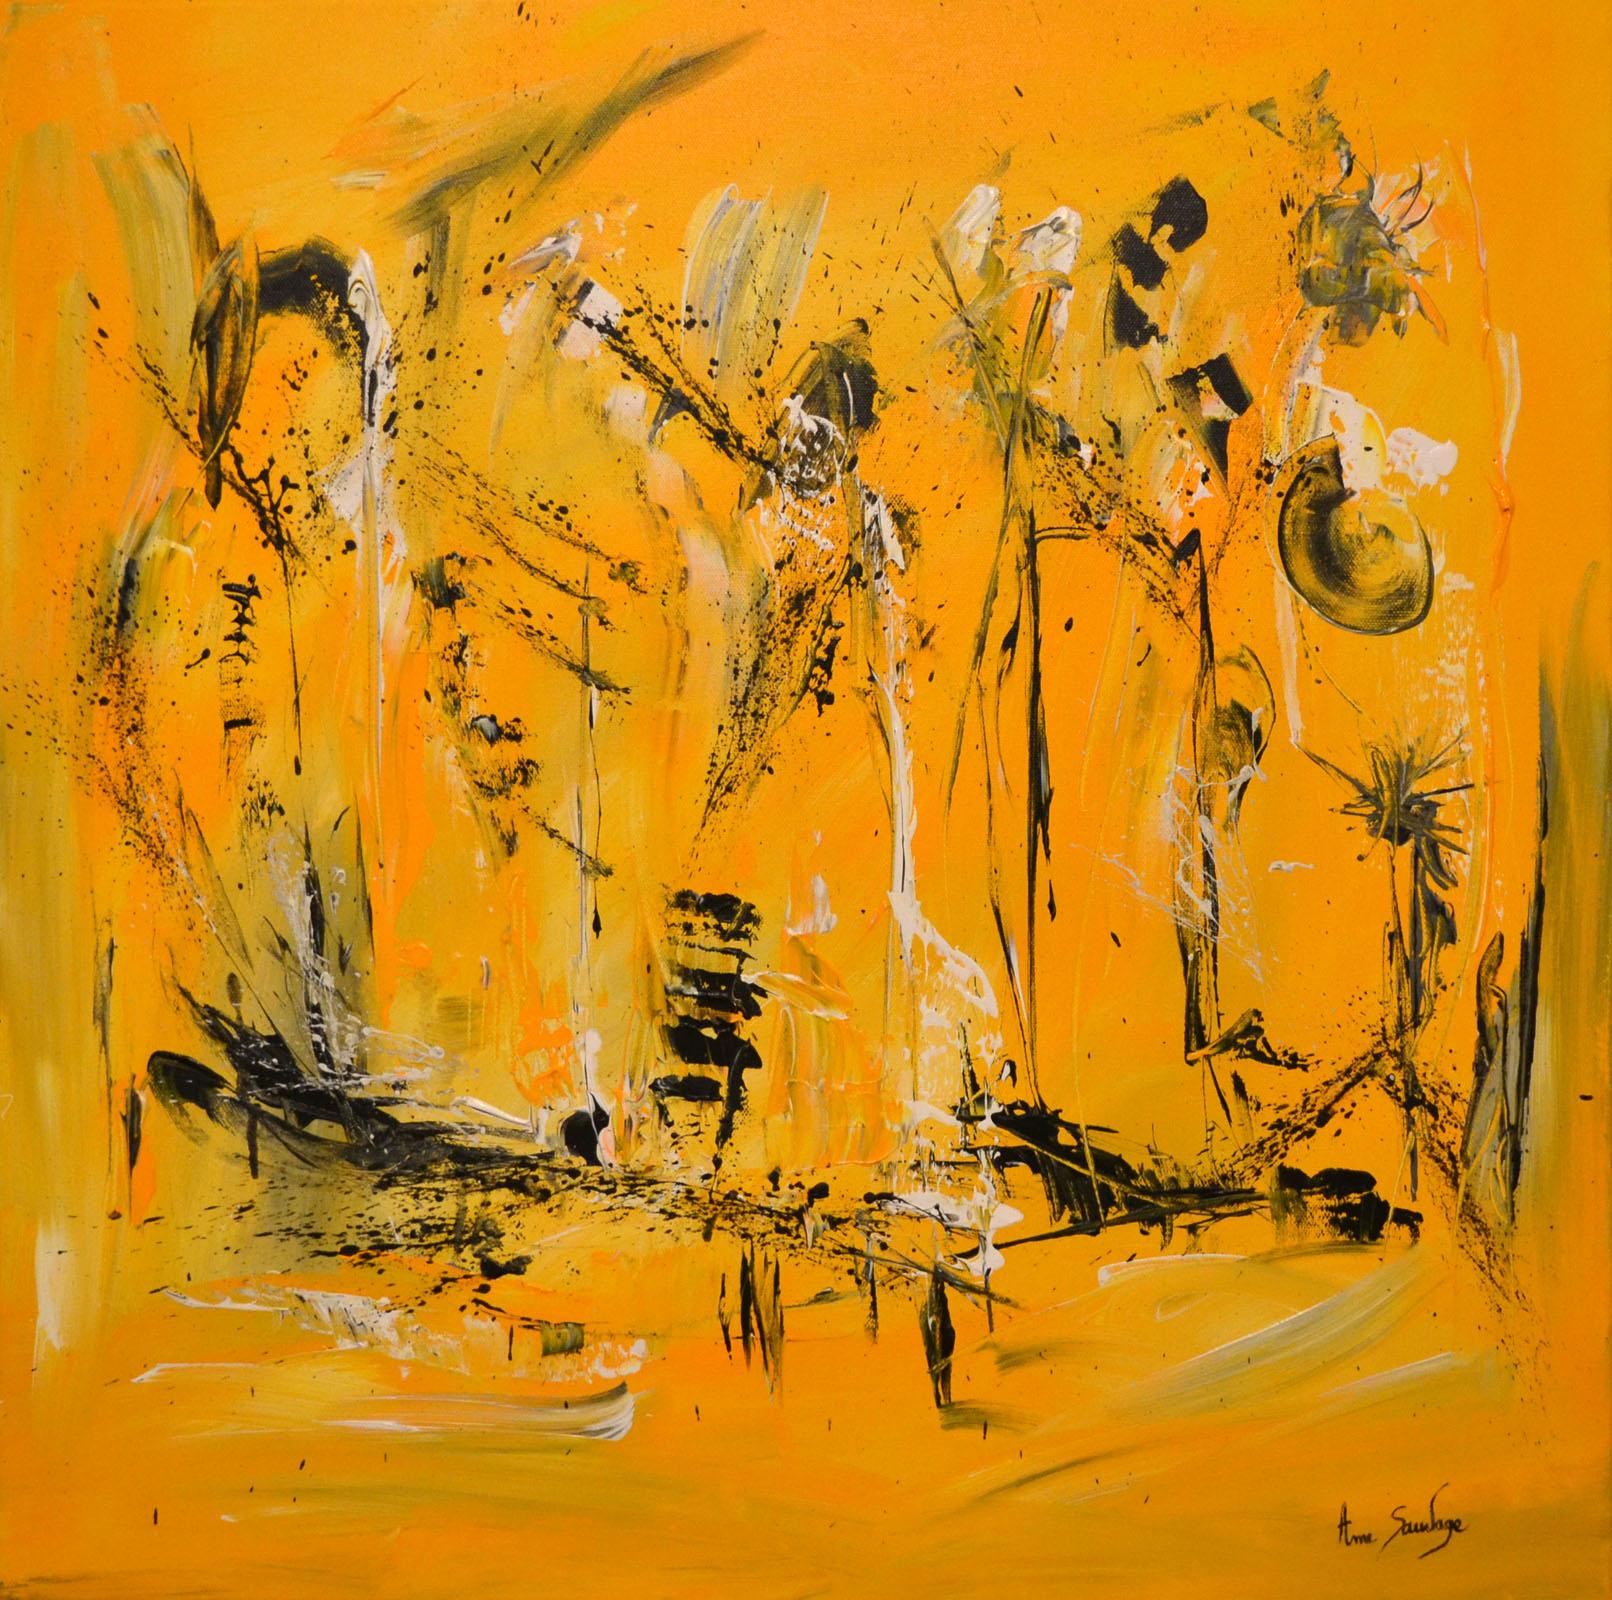 tableau abstrait jaune artiste peintre contemporaine la rochelle. Black Bedroom Furniture Sets. Home Design Ideas